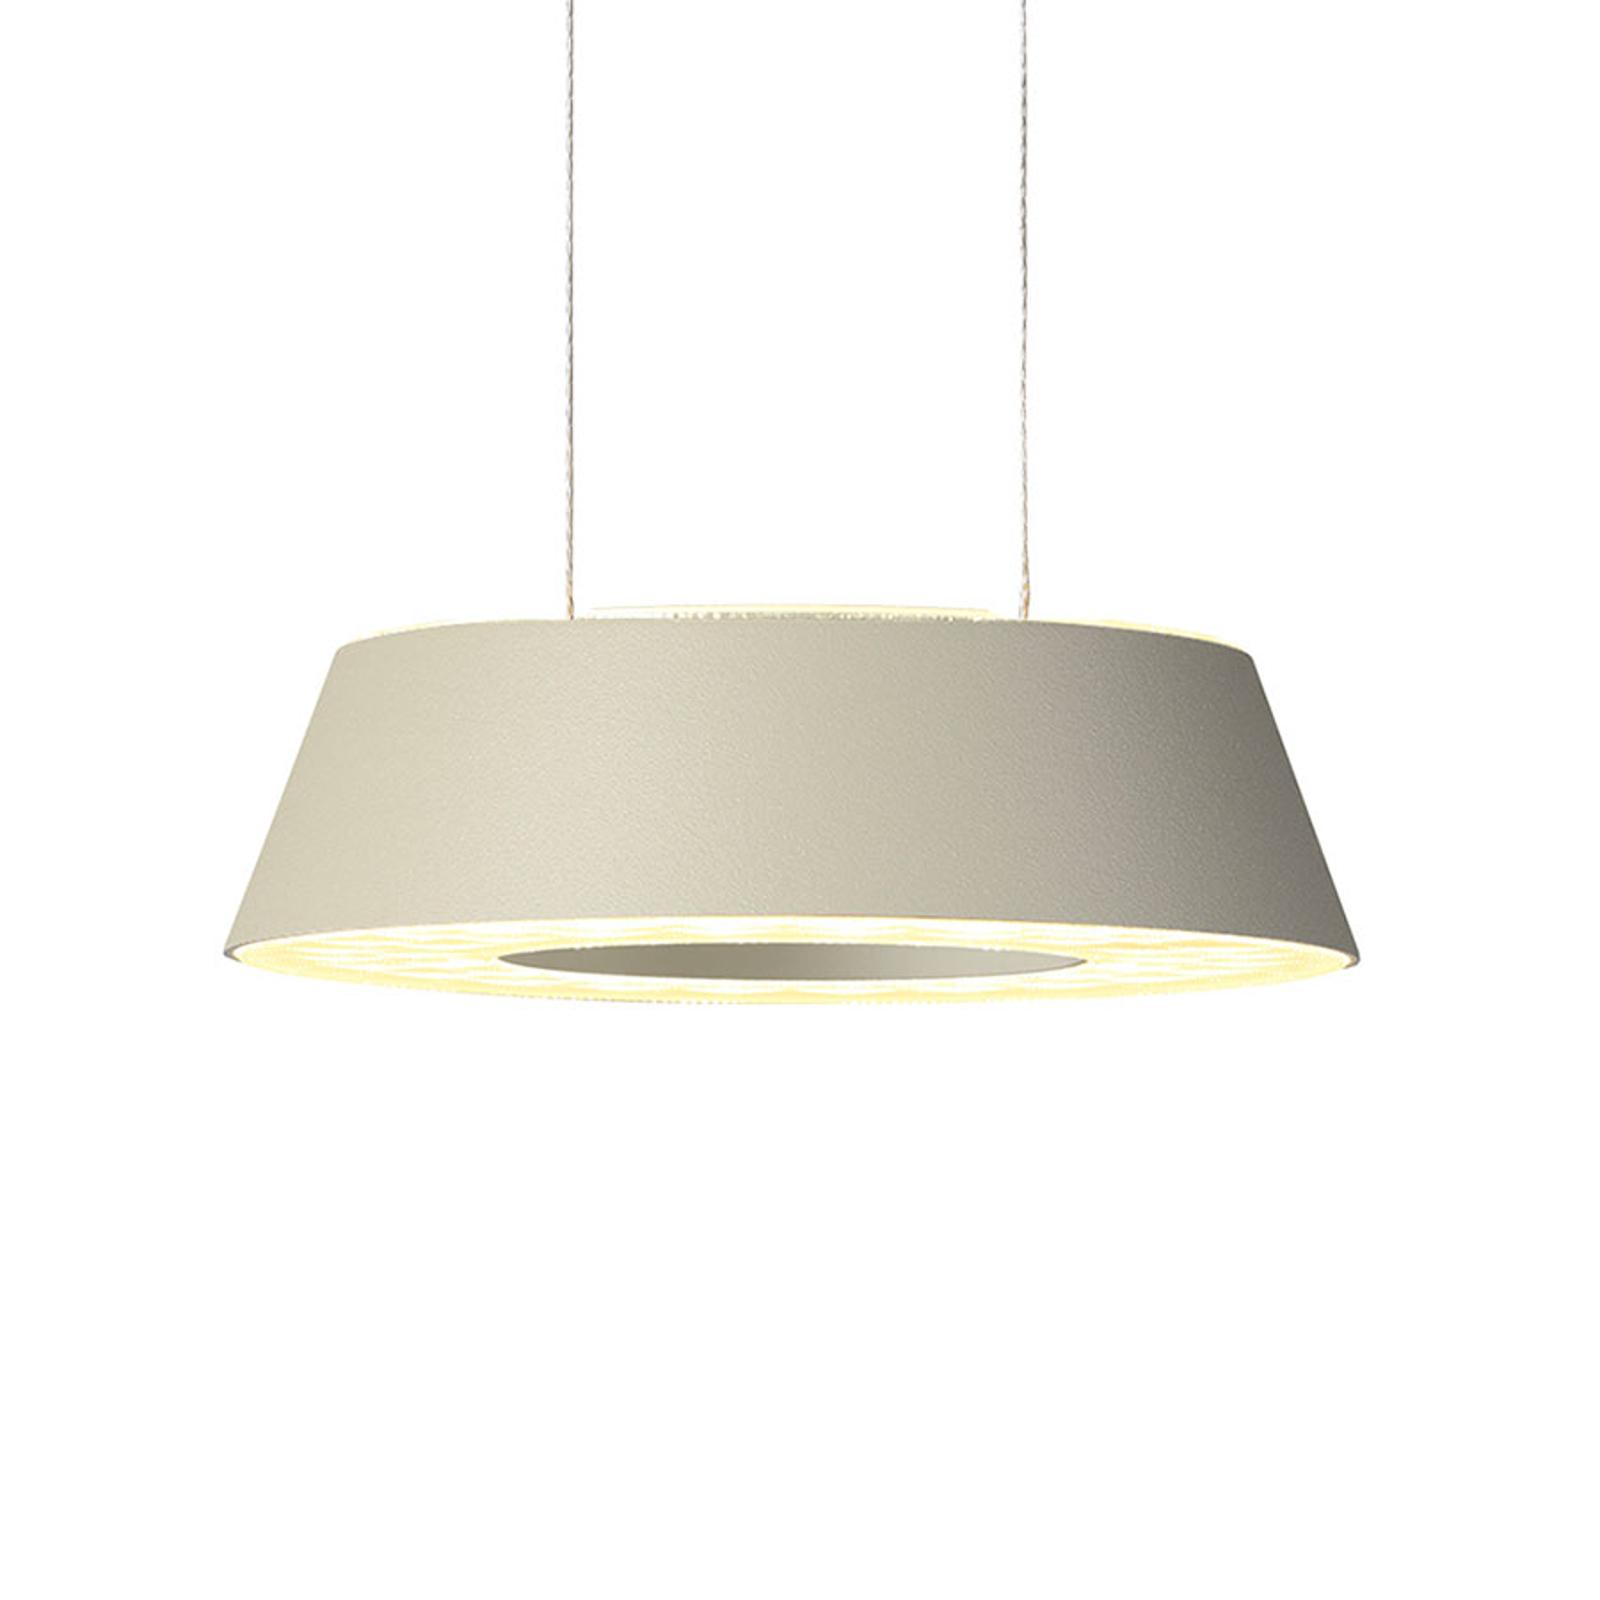 OLIGO Glance LED-Pendellampe einflammig cashmere